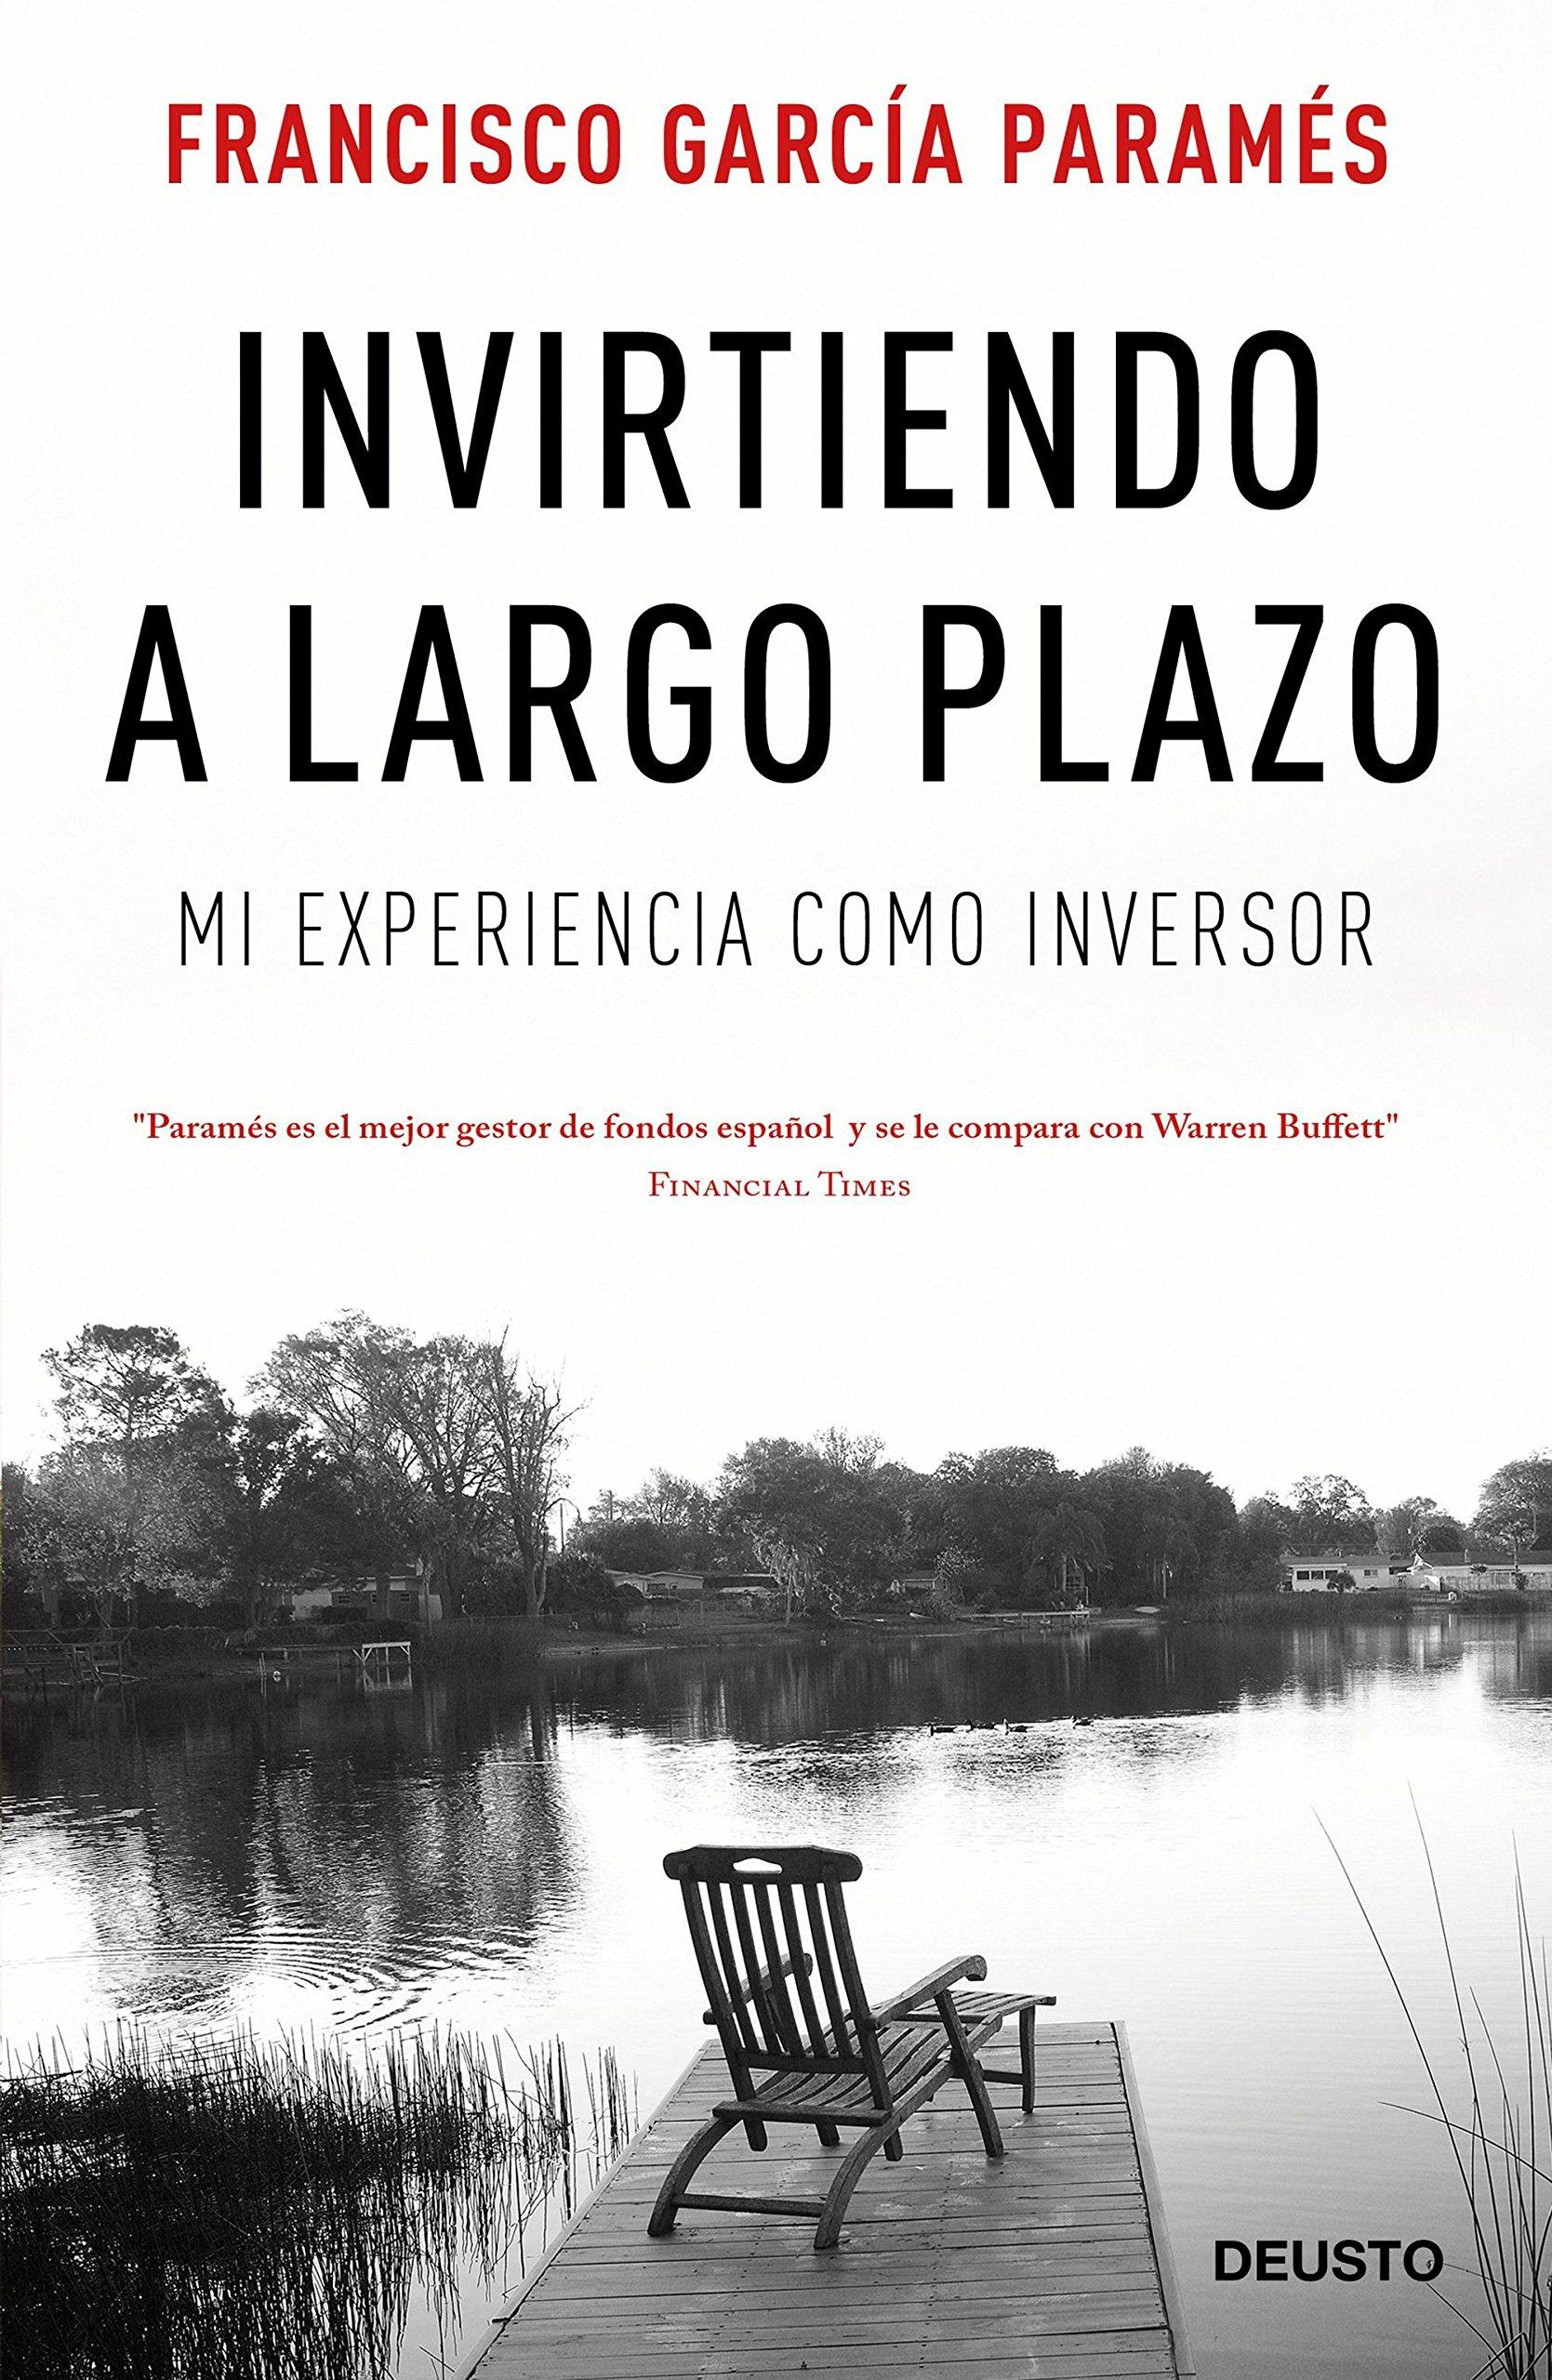 Invirtiendo a largo plazo: Mi experiencia como inversor (Sin colección) Tapa blanda – 4 oct 2016 Francisco García Paramés Deusto 8423425673 Economics